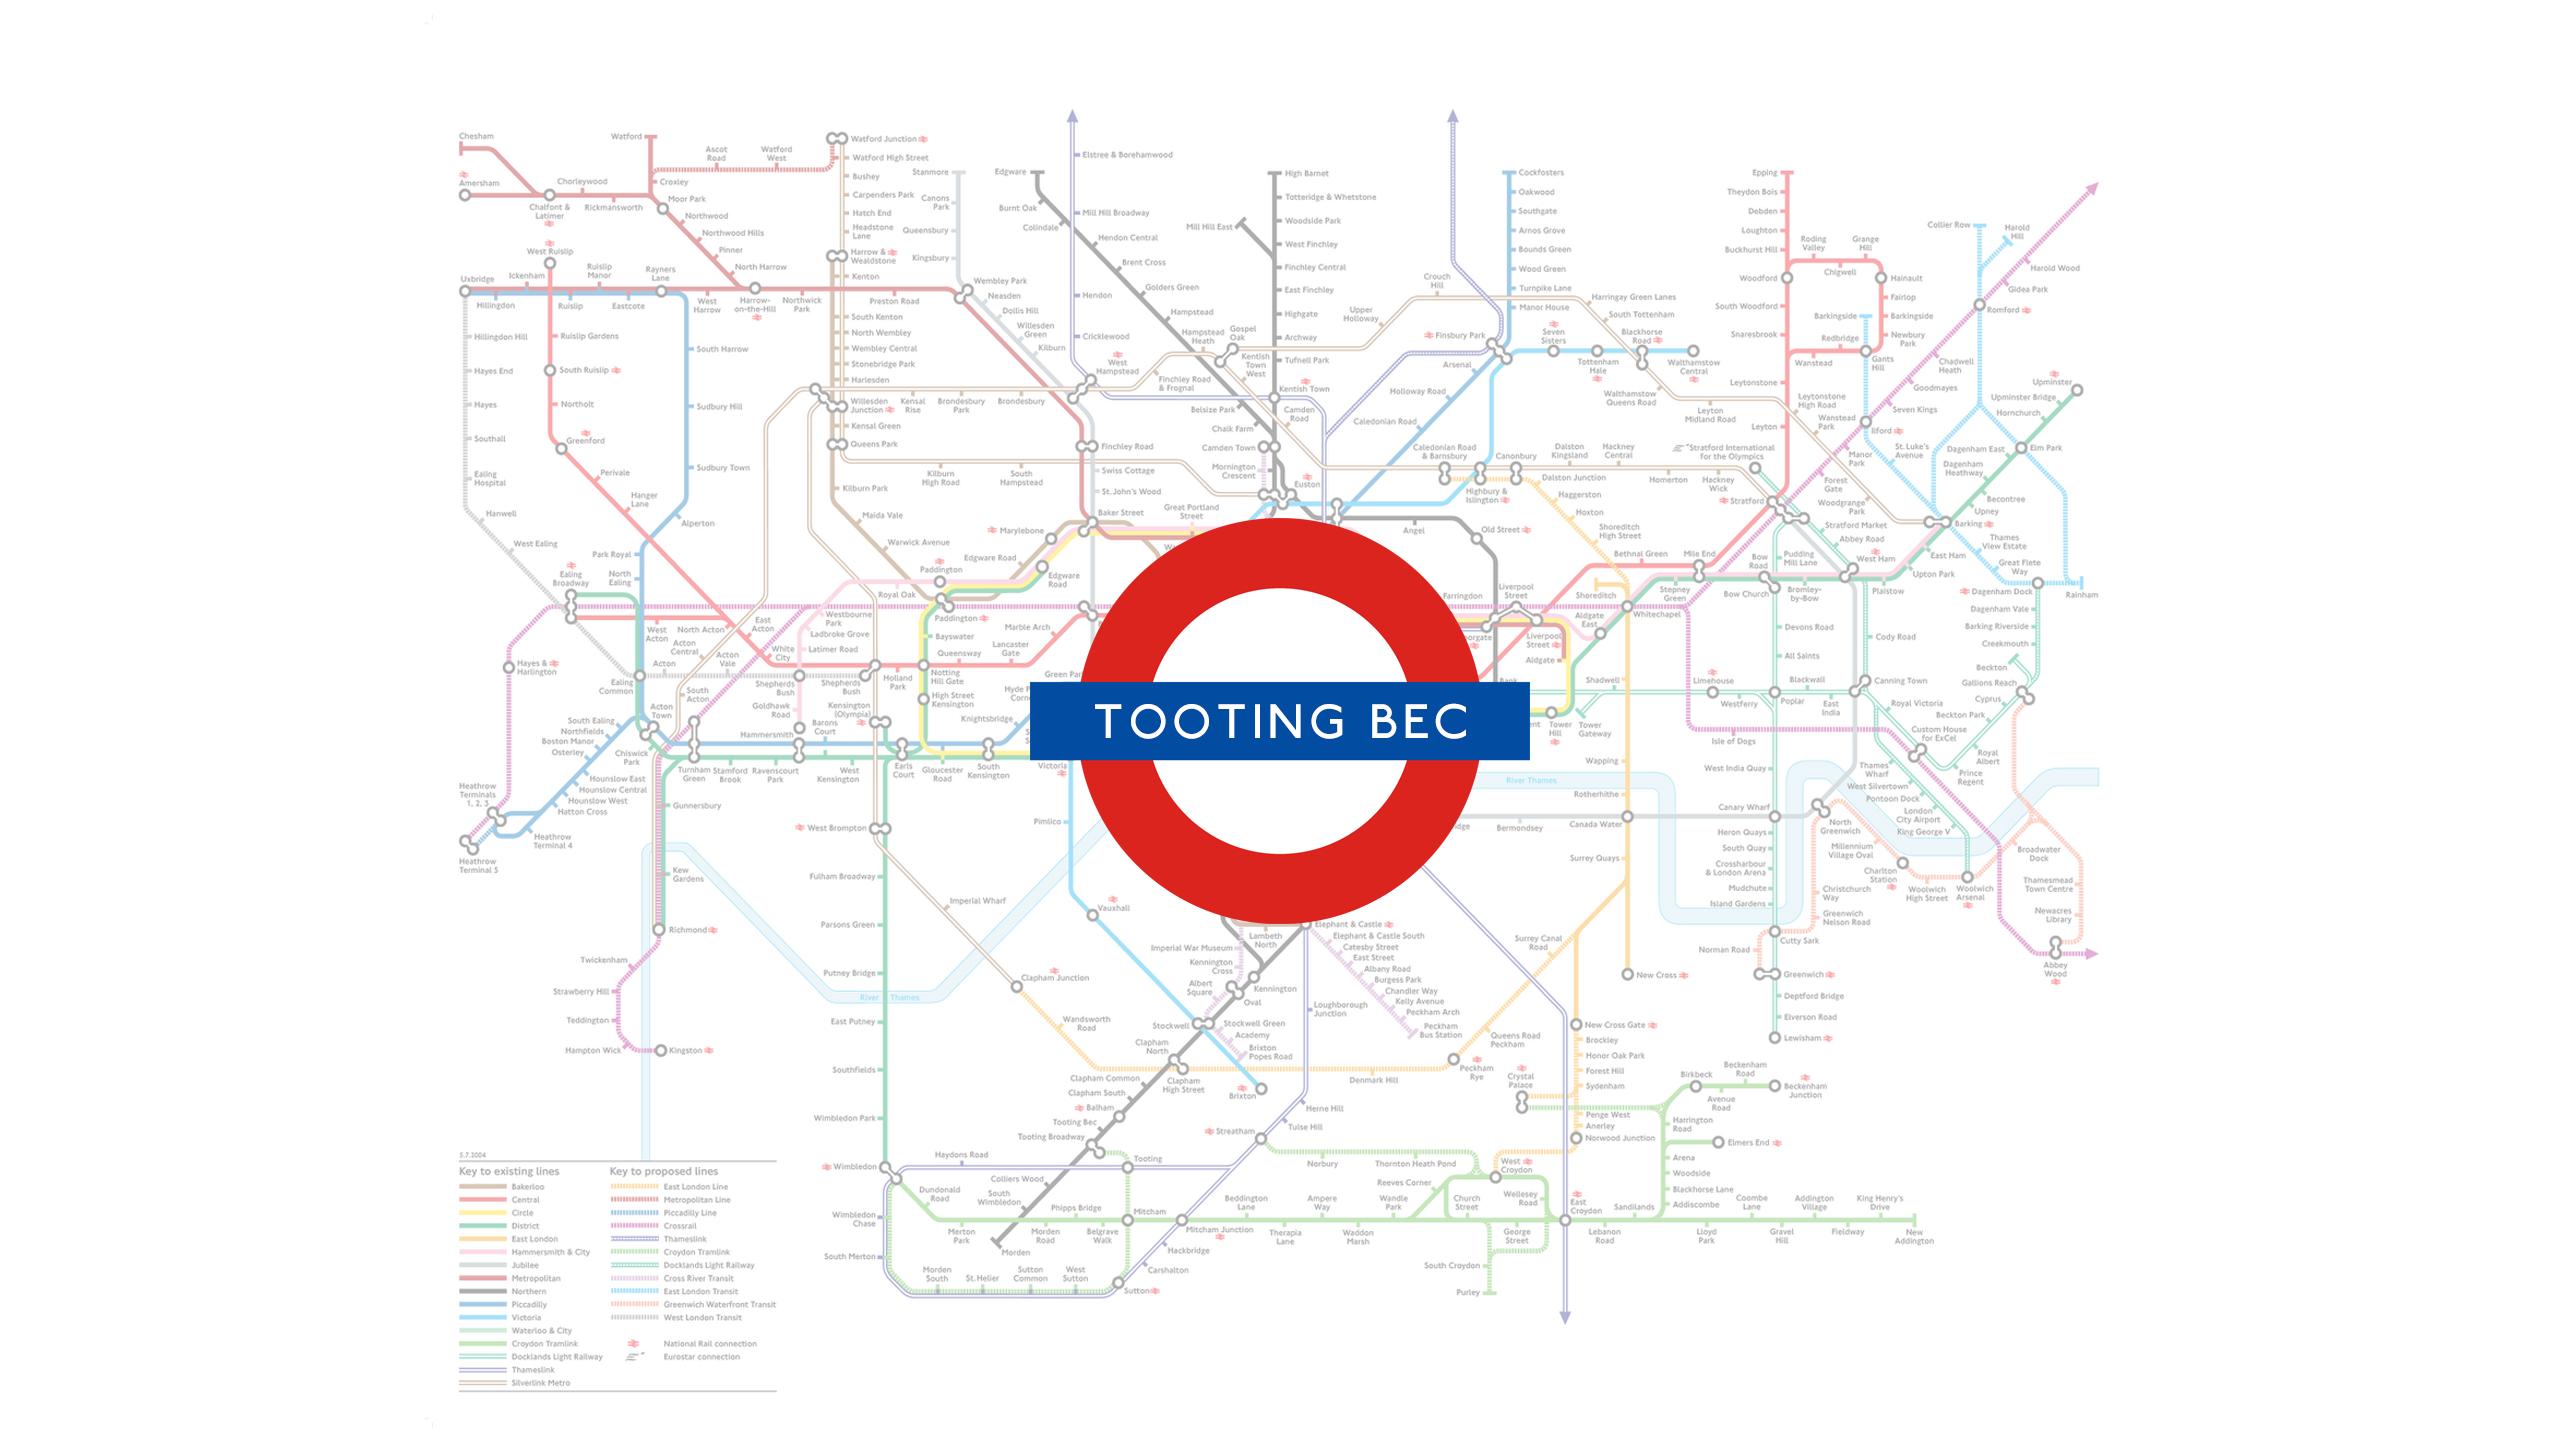 Tooting Bec (Map)